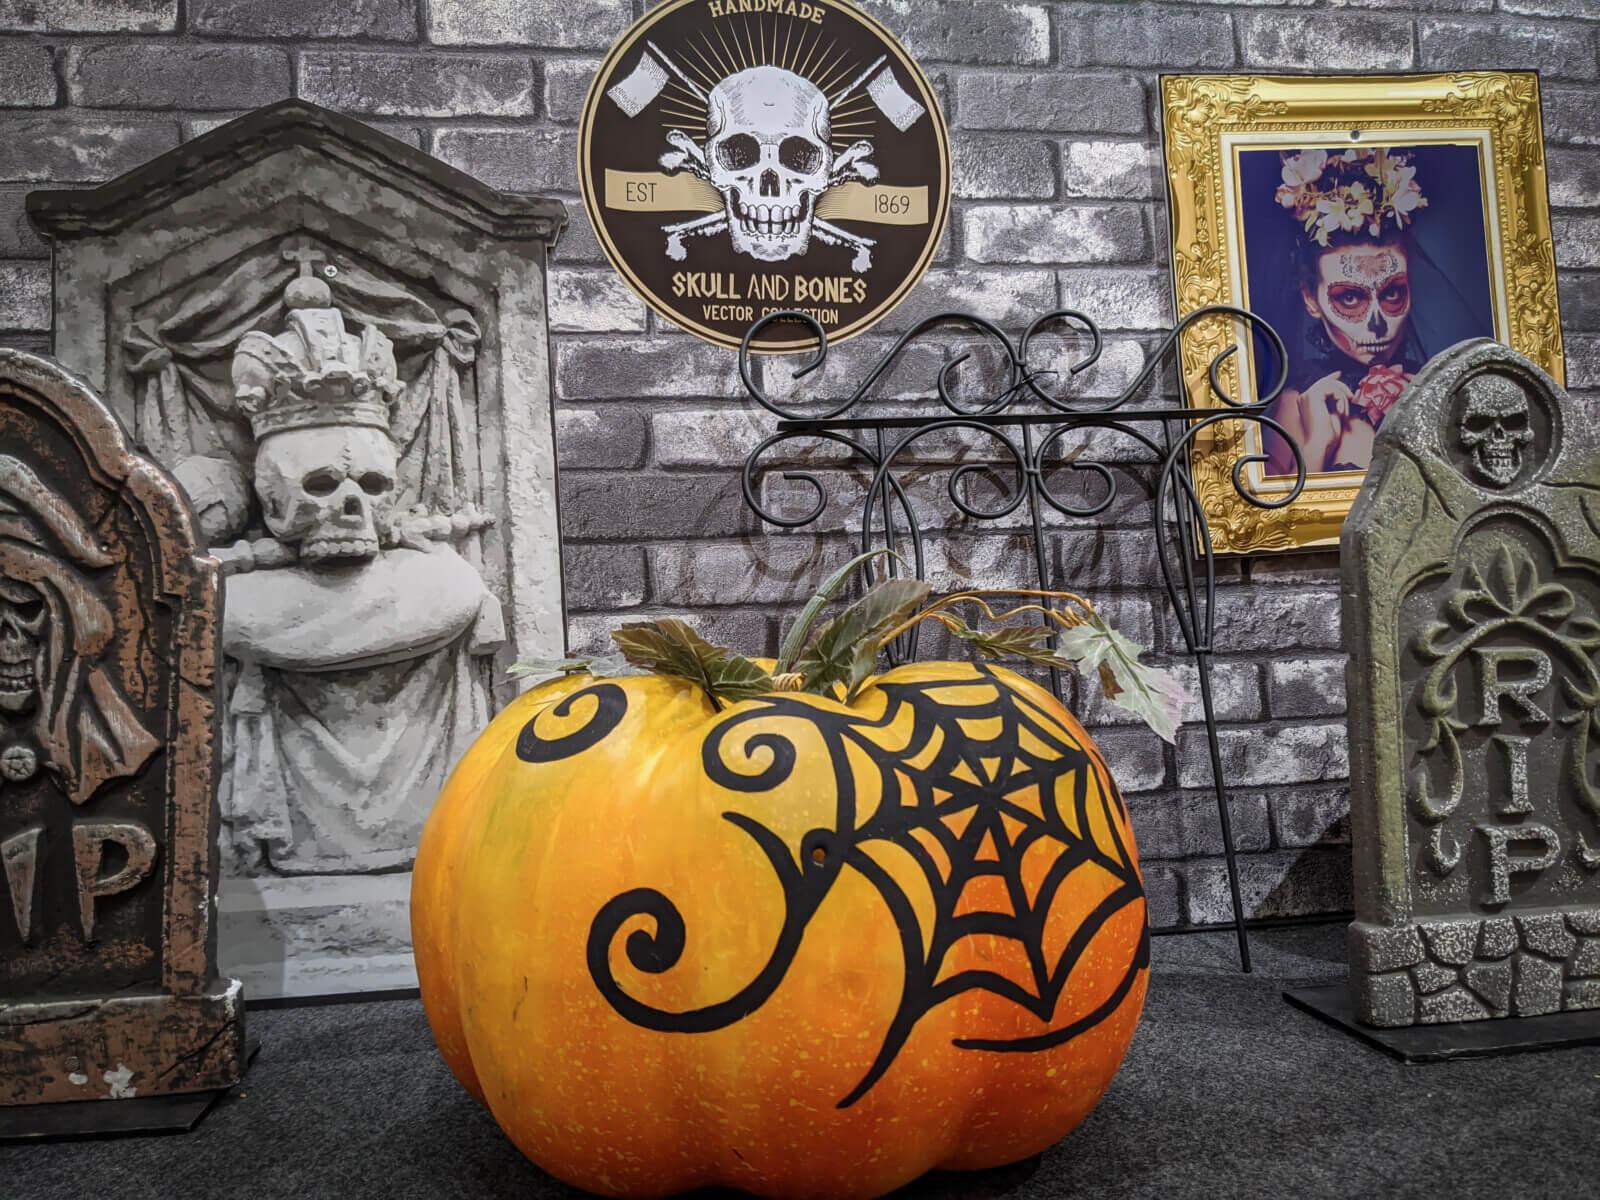 蜘蛛の巣が描かれたハロウィン用かぼちゃ